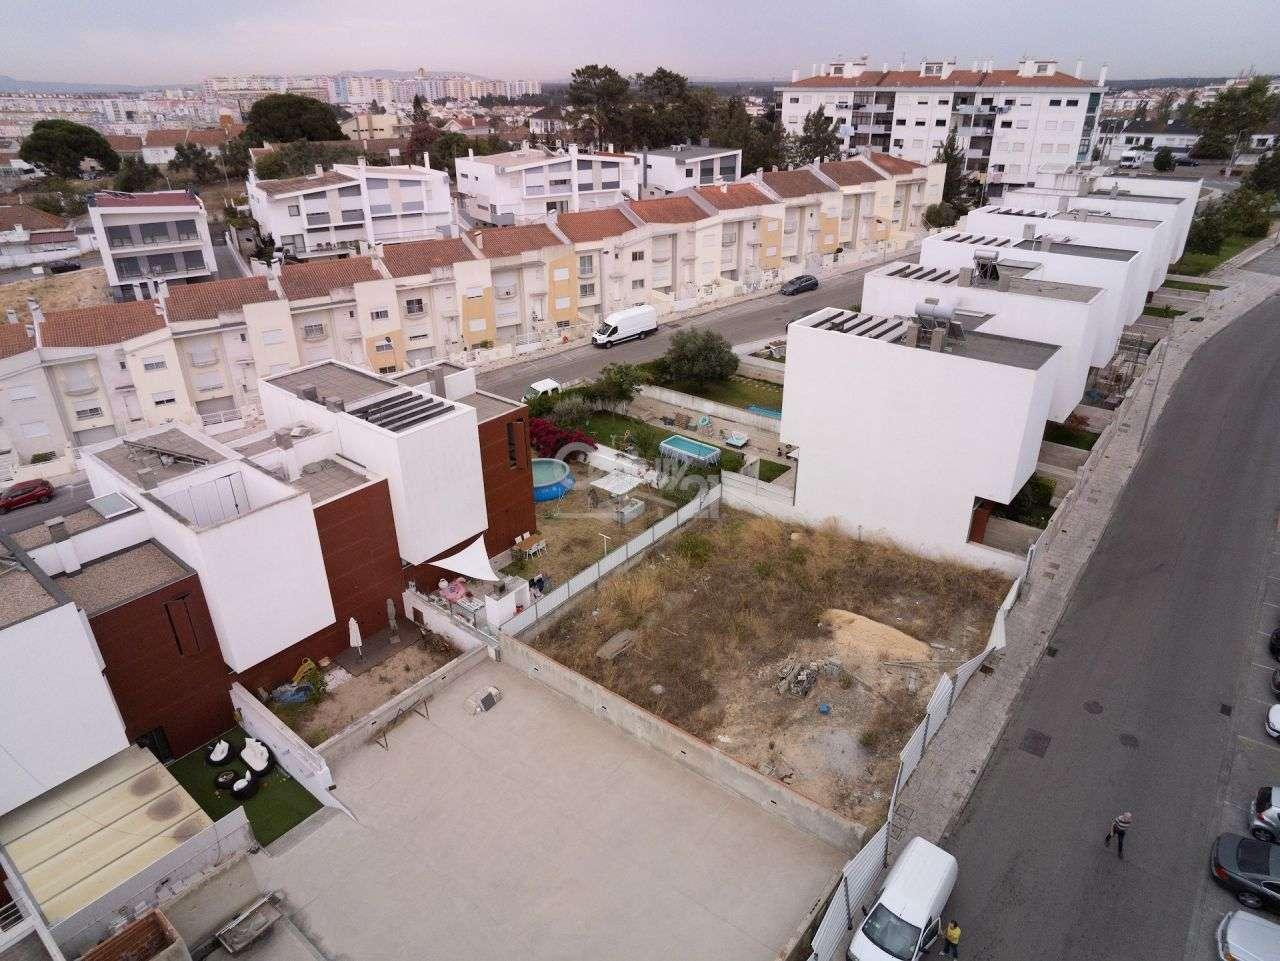 Terreno para comprar, Corroios, Seixal, Setúbal - Foto 1